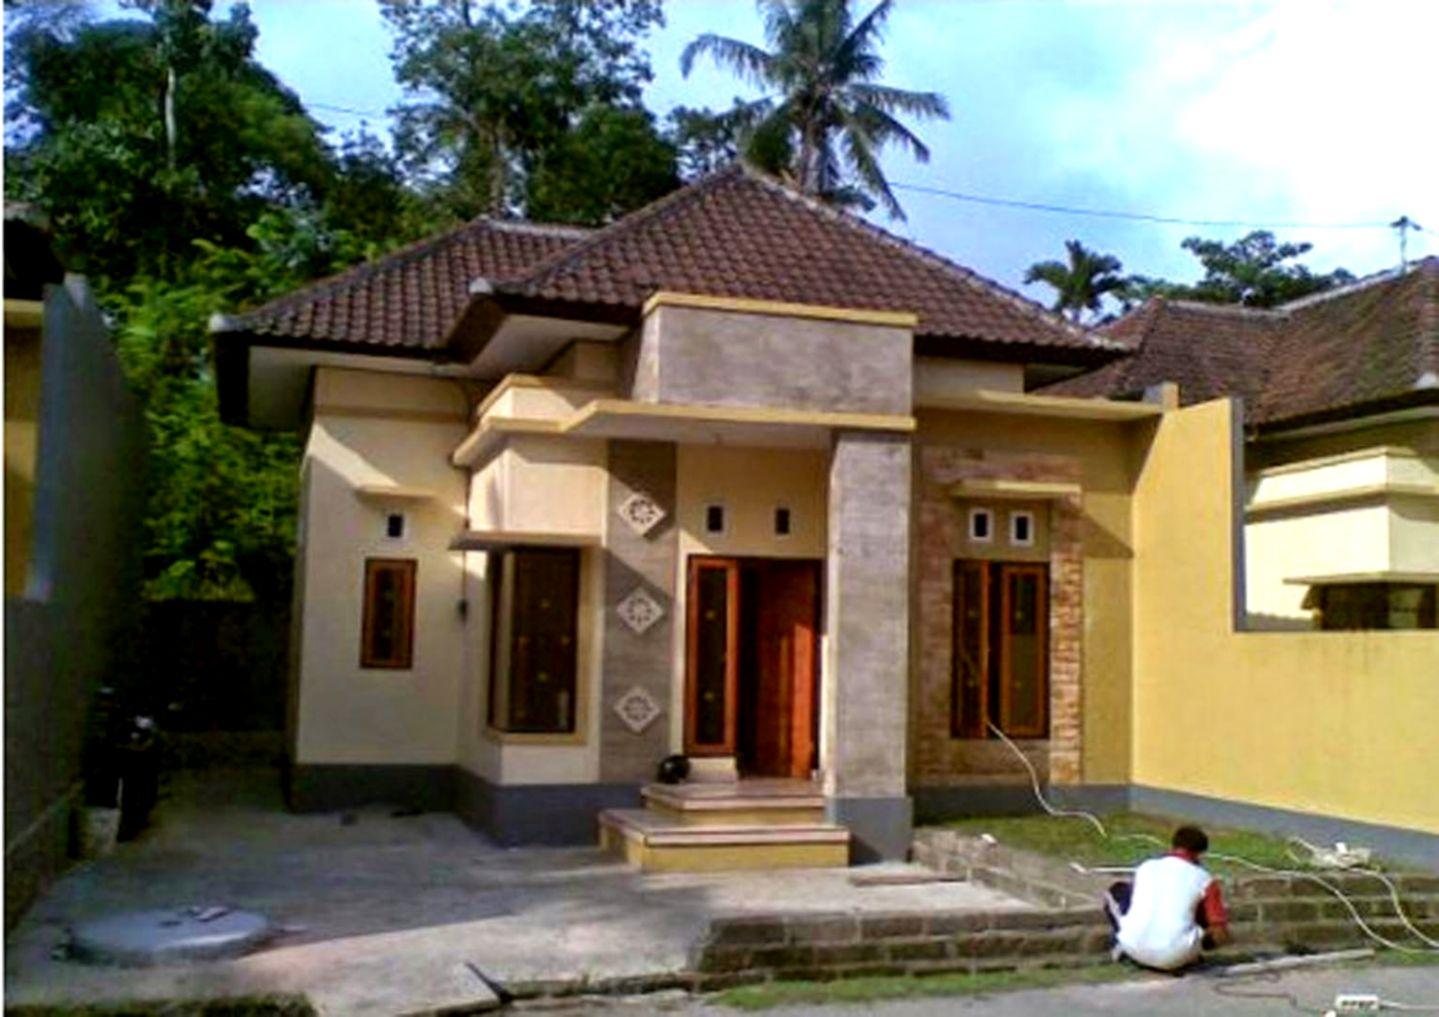 Gambar Rumah Minimalis Di Desa Mobile Wallpapers